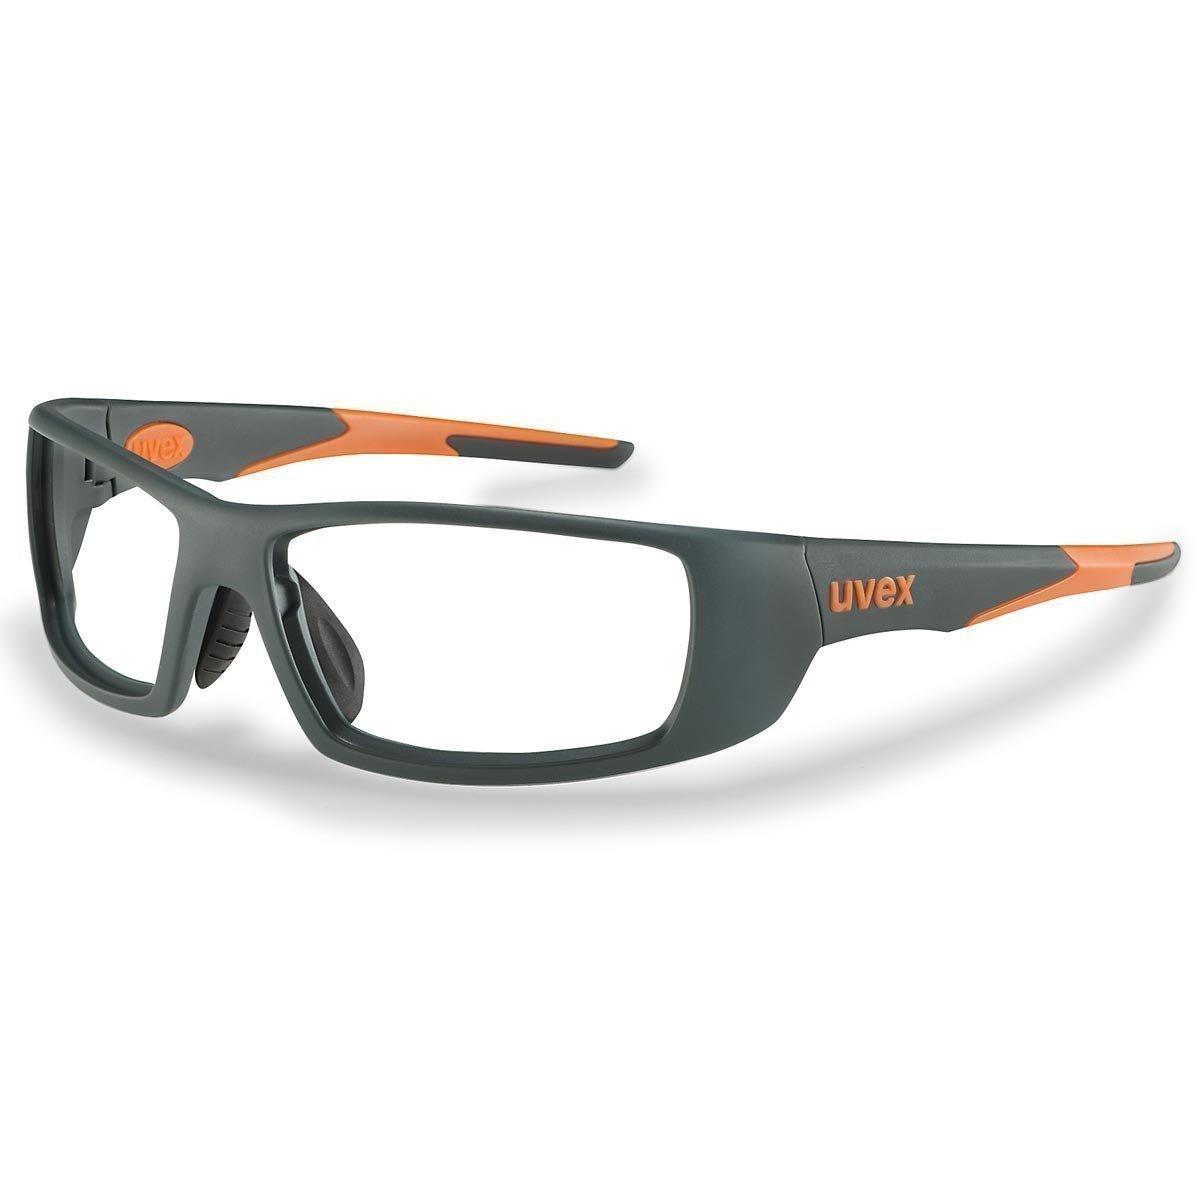 Uvex Korrektionsschutzbrille RX sp 5512 orange - Keine Entspiegelung